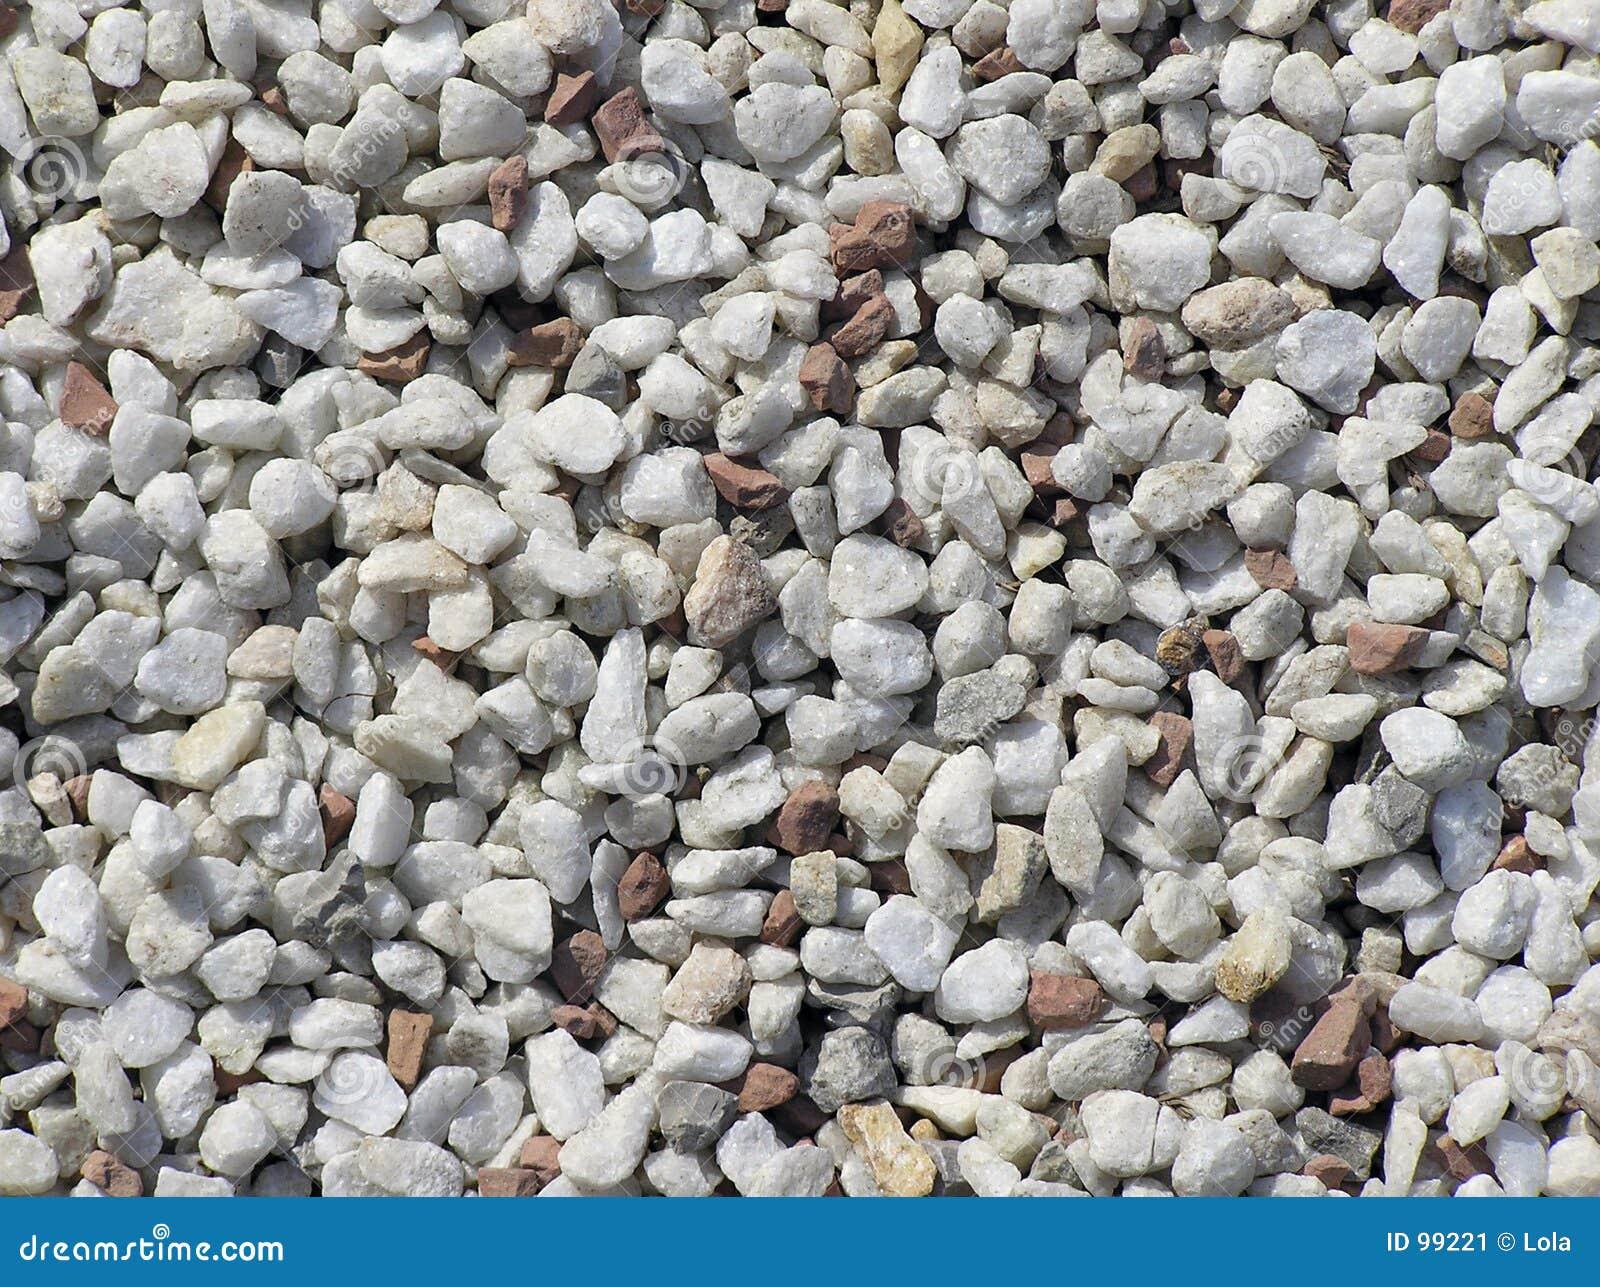 pedras de jardim branca : pedras de jardim branca:Pedras brancas e vermelhas